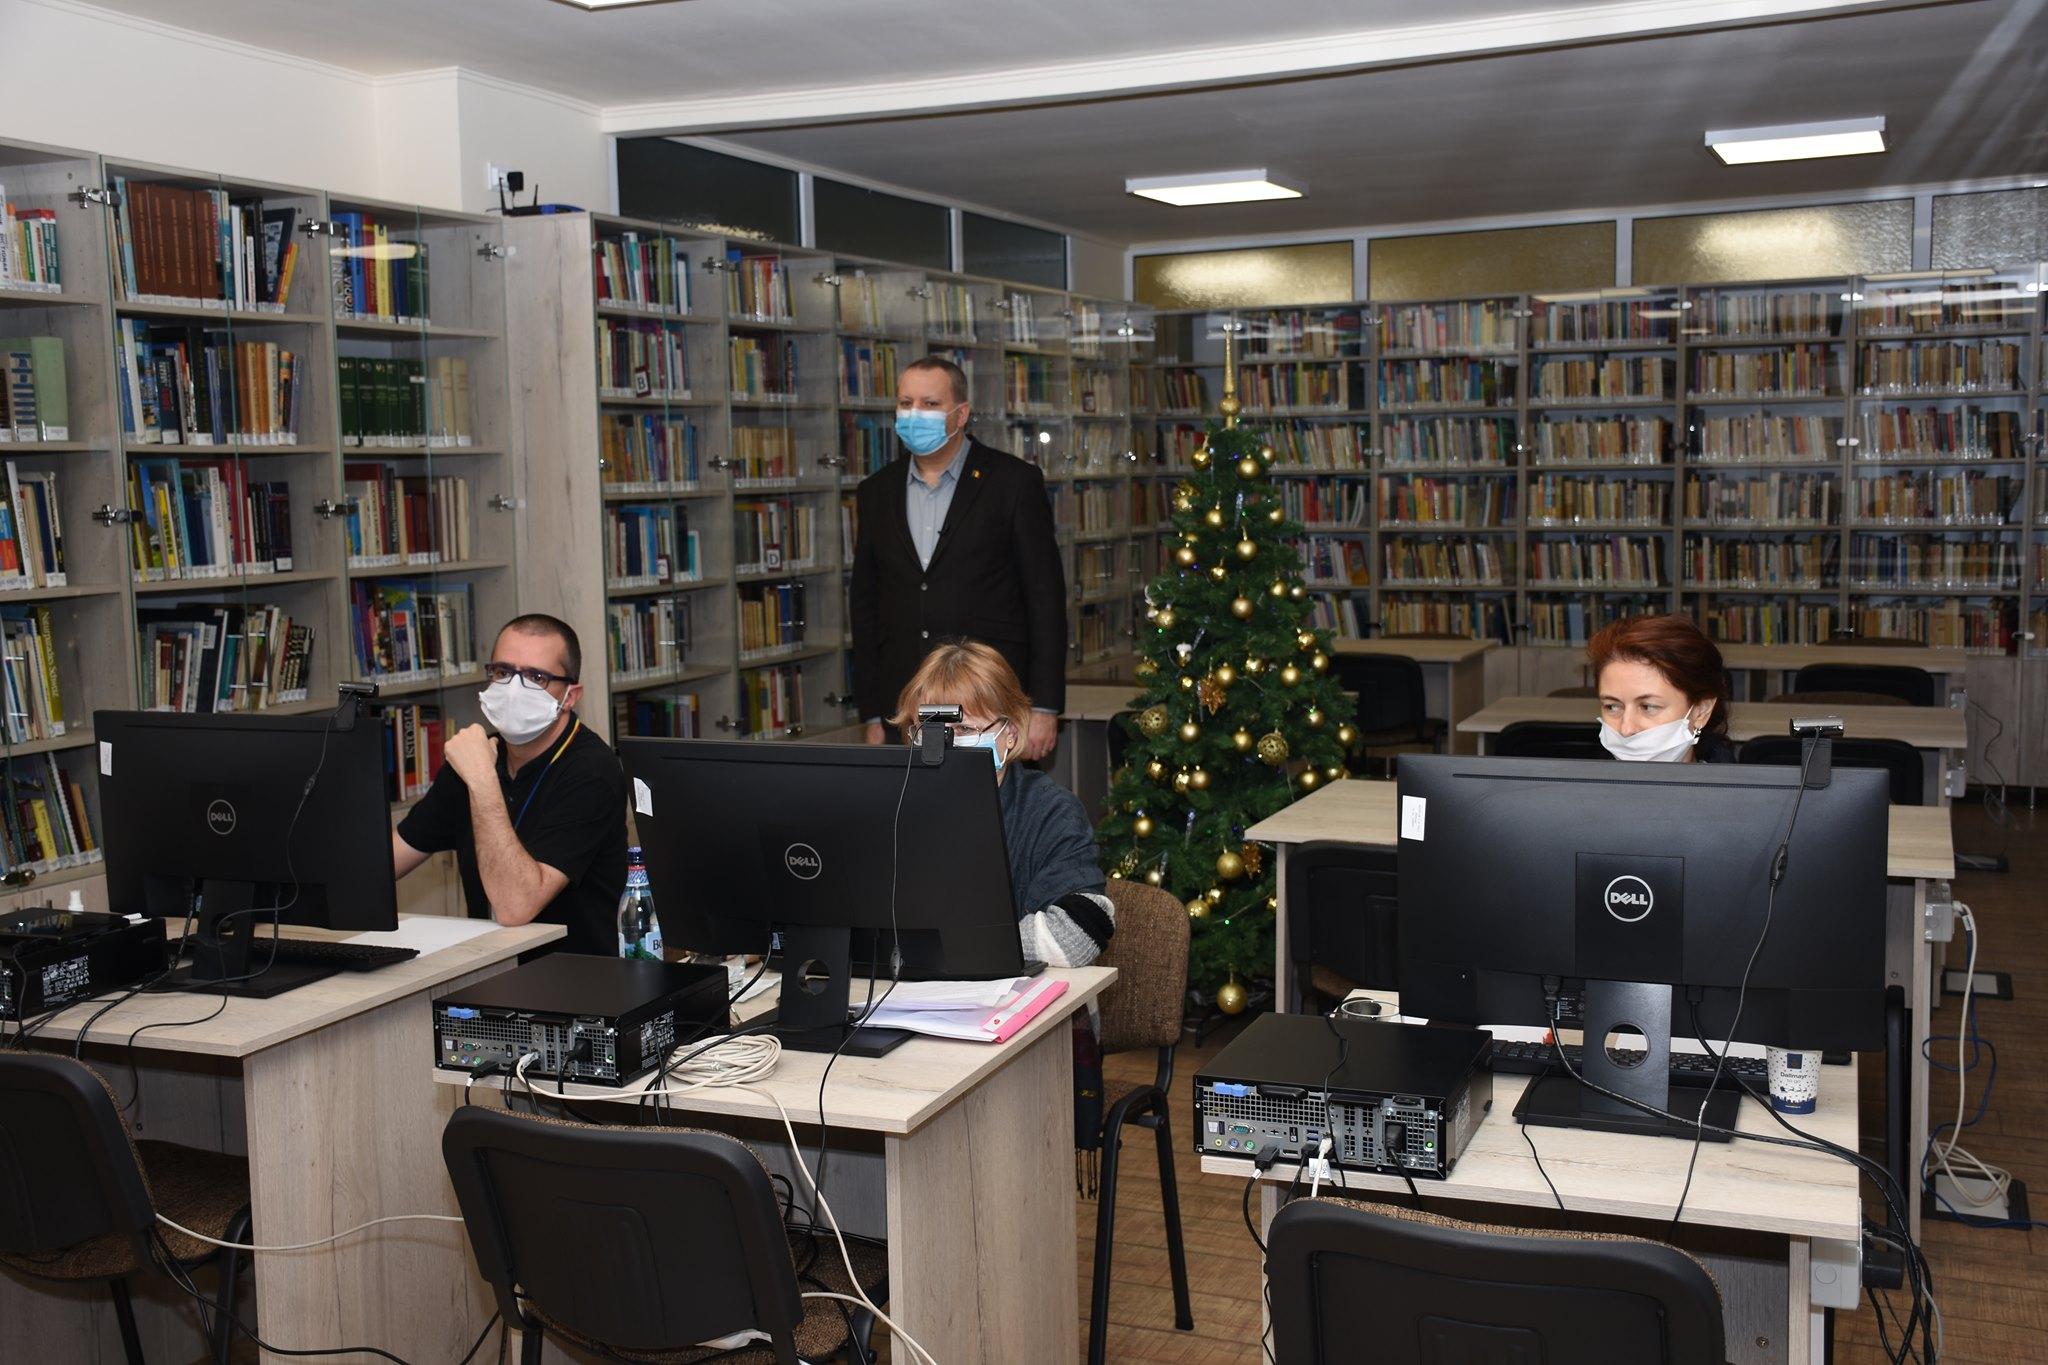 """Întâlnirea Transnațională în cadrul Proiectului """"Alfabetizare"""", la Biblioteca Județeană """"Ovid  Densusianu"""" Hunedoara-Deva"""